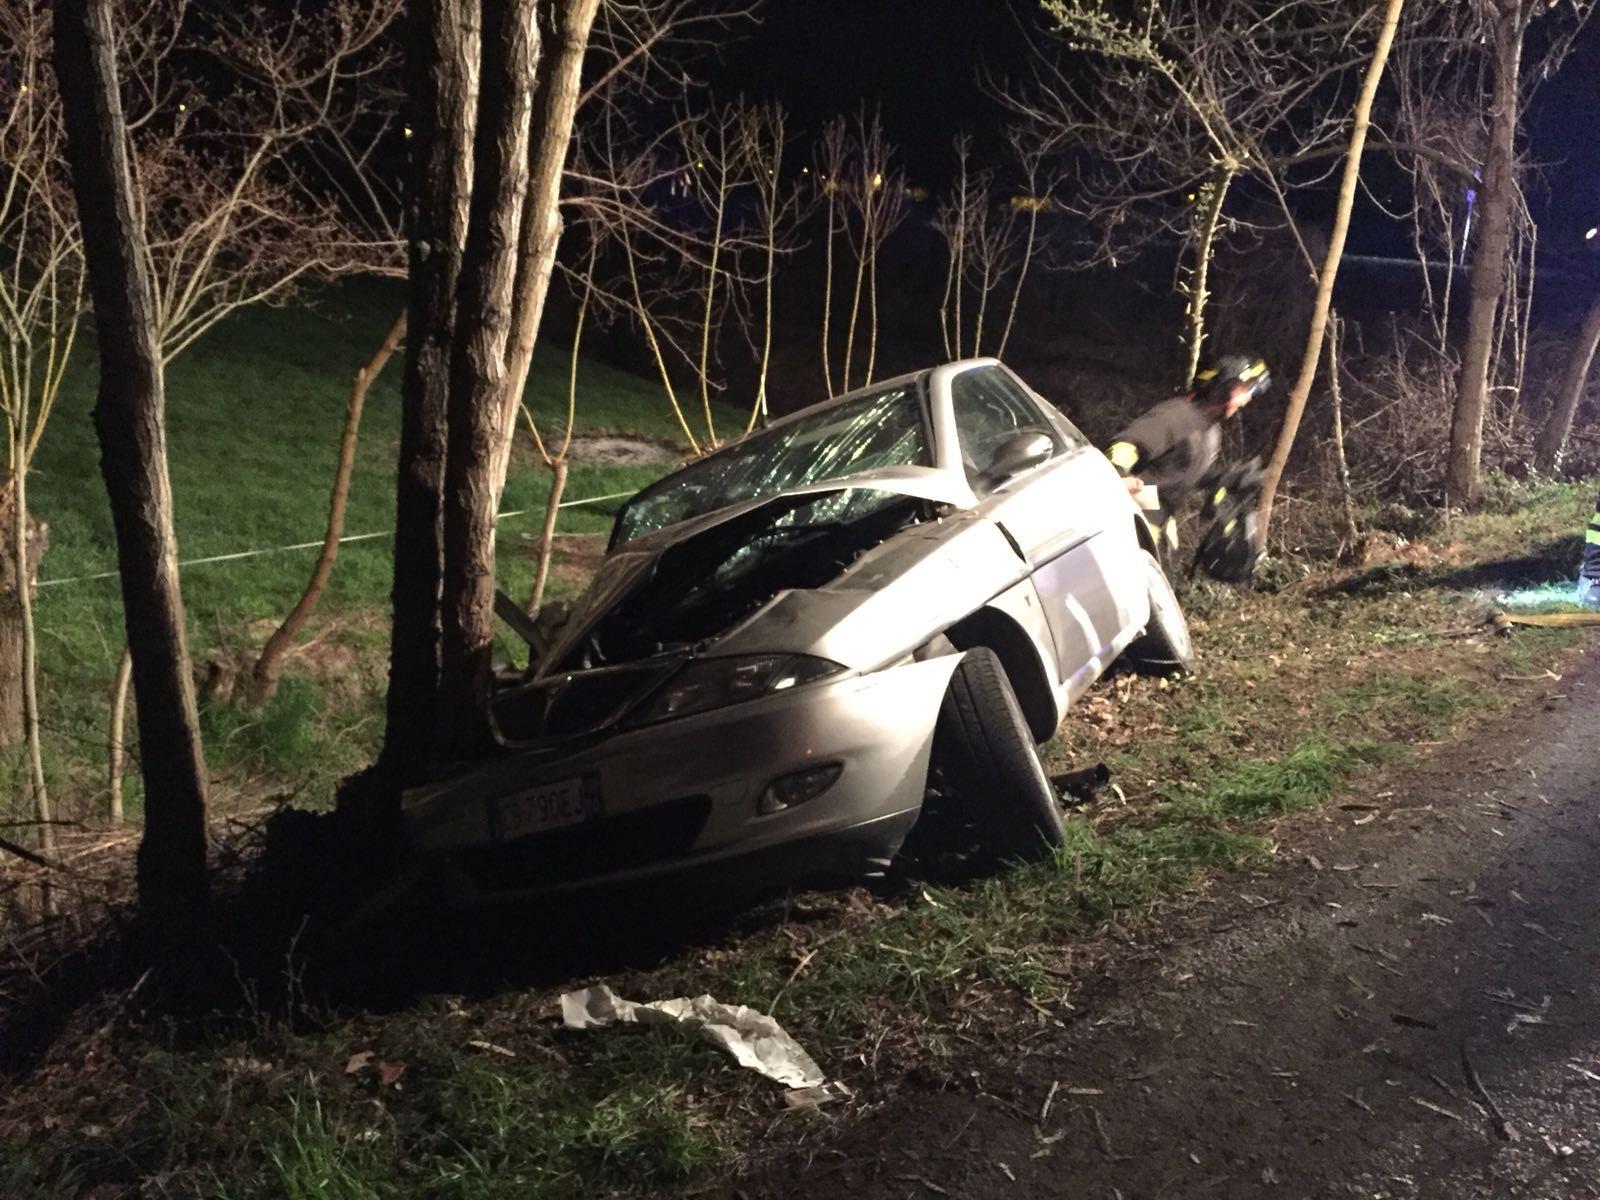 VEROLENGO - Incidente stradale nella notte in frazione Arborea. Una ragazza ferita